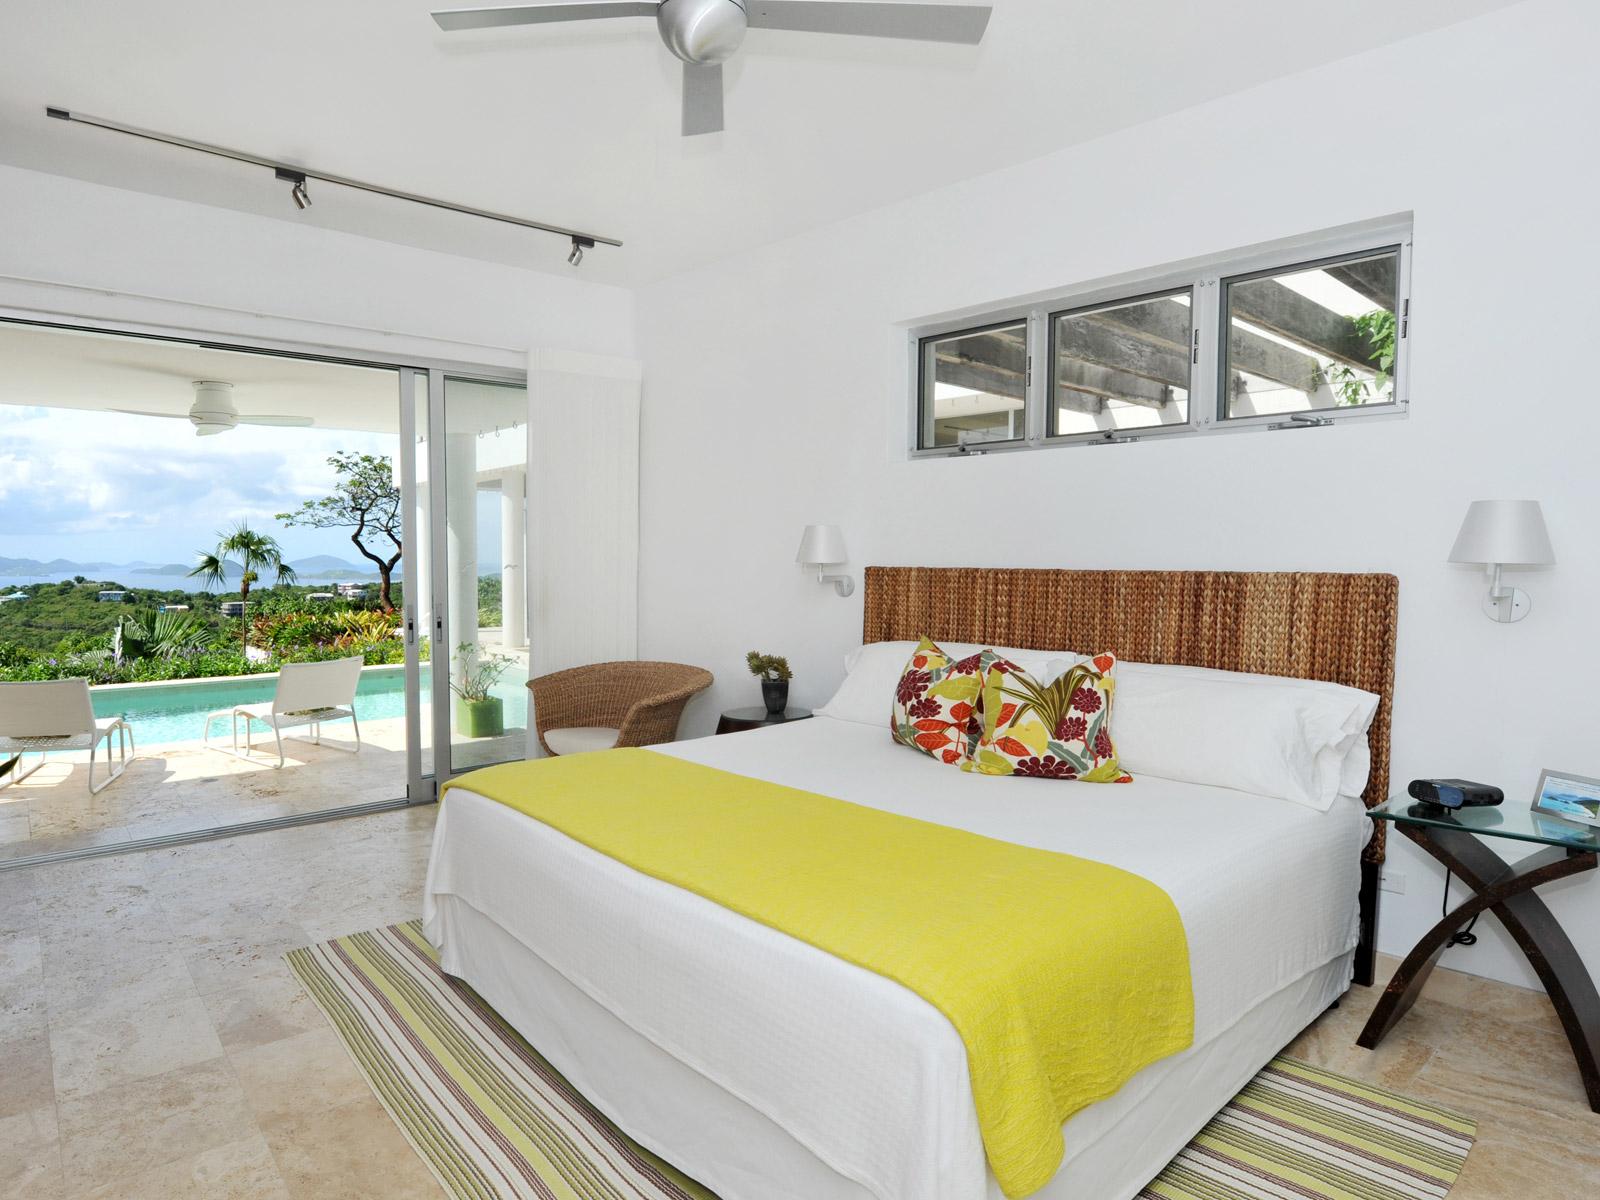 st-john-kalorama-villa-bedroom2.jpg